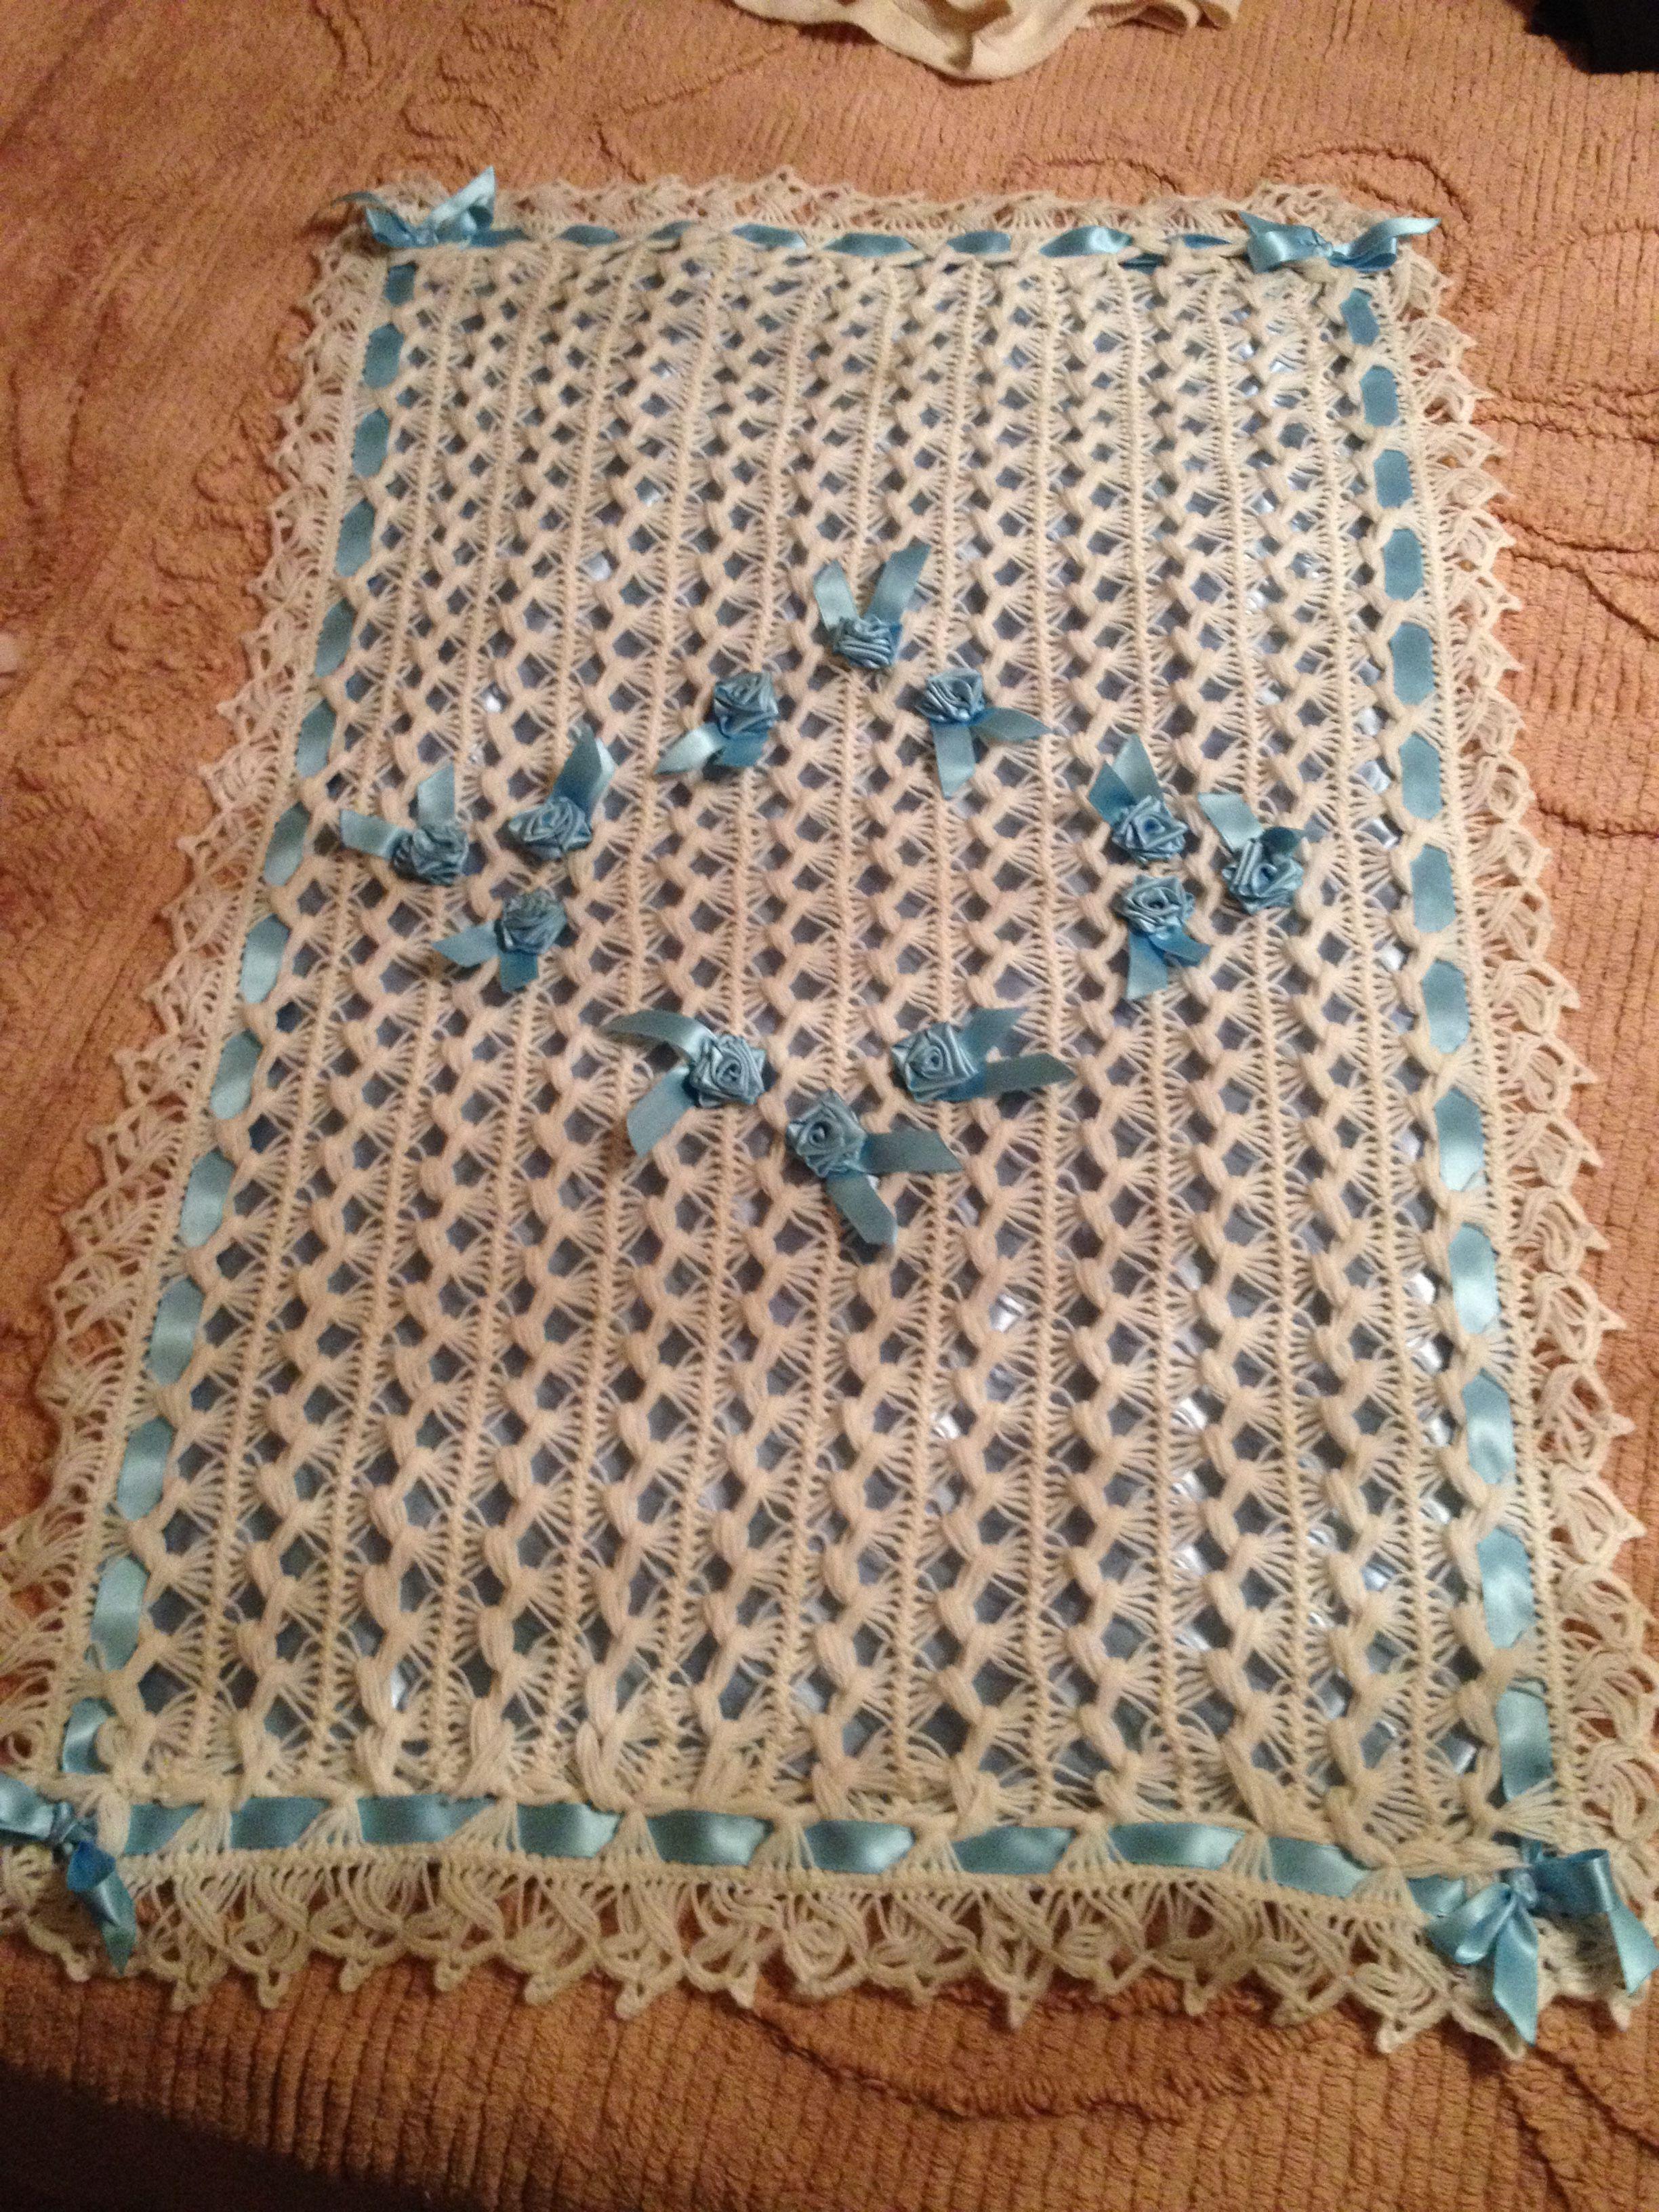 Copertina Lavorata A Forcella Copertina Lavorata A Mano Crochet